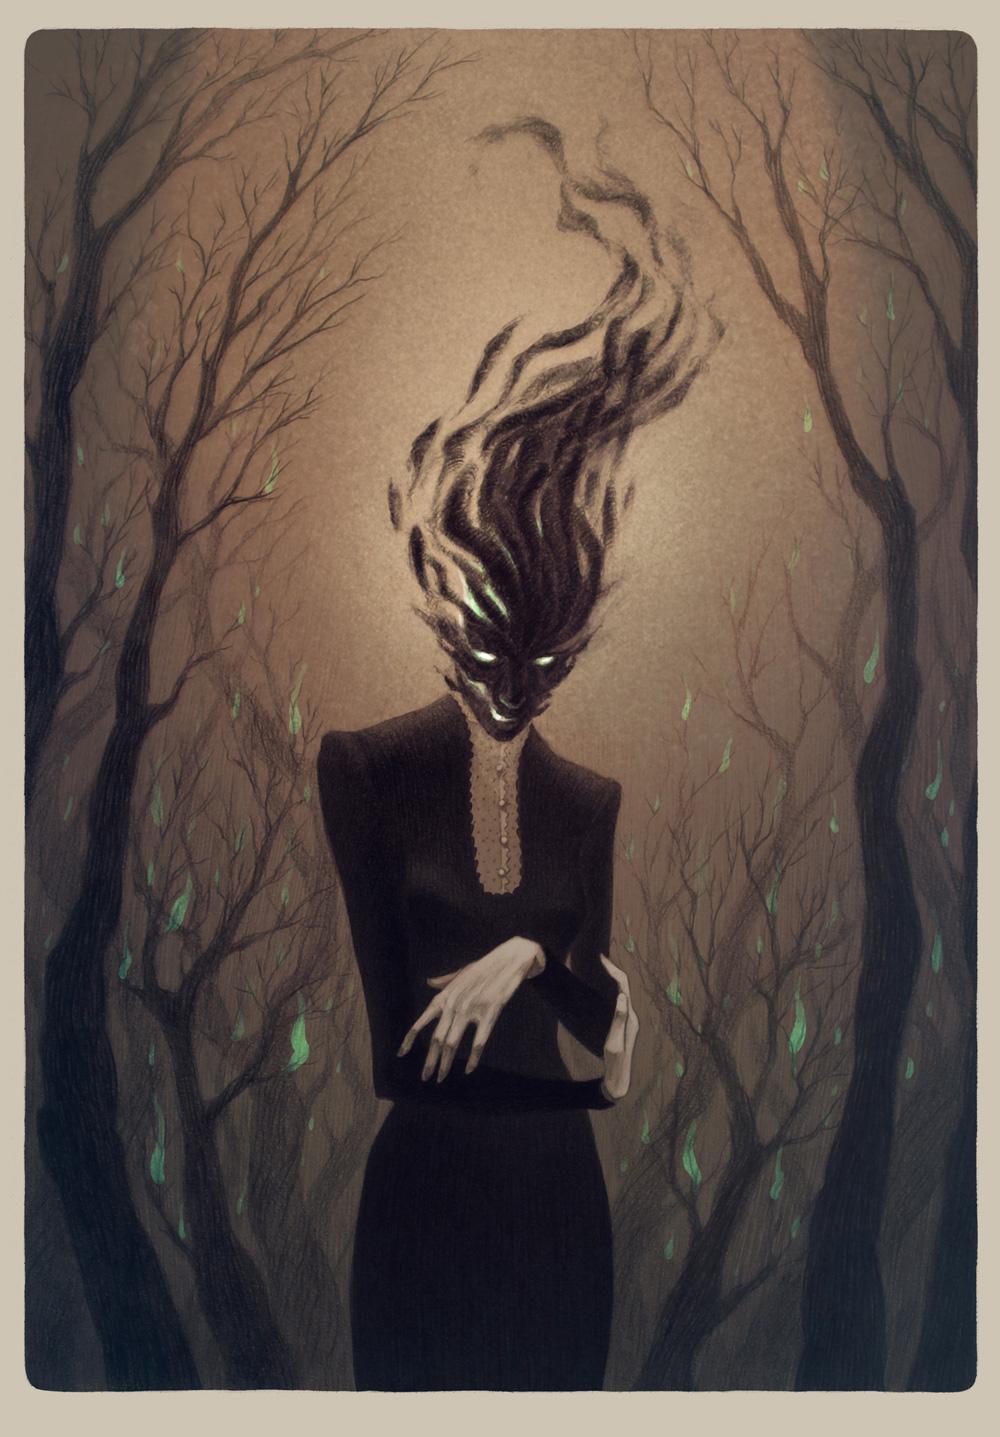 Anne Dark Concept Art